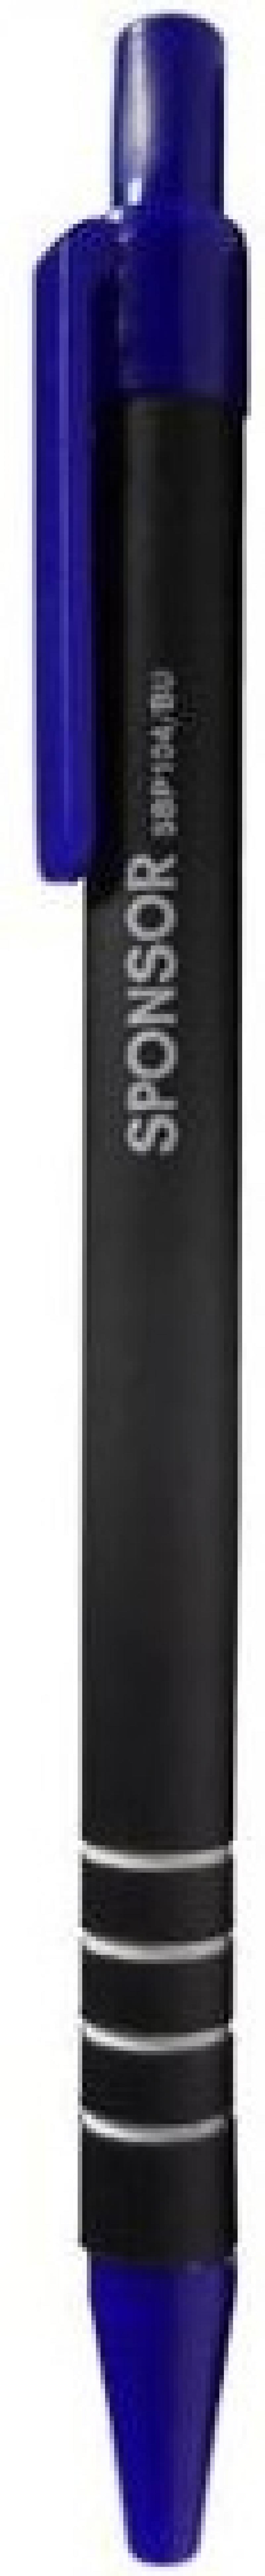 Шариковая ручка автоматическая SPONSOR SBP104/BU синий 0.7 мм SBP104/BU аксессуар защитное стекло microsoft lumia 950 red line tempered glass